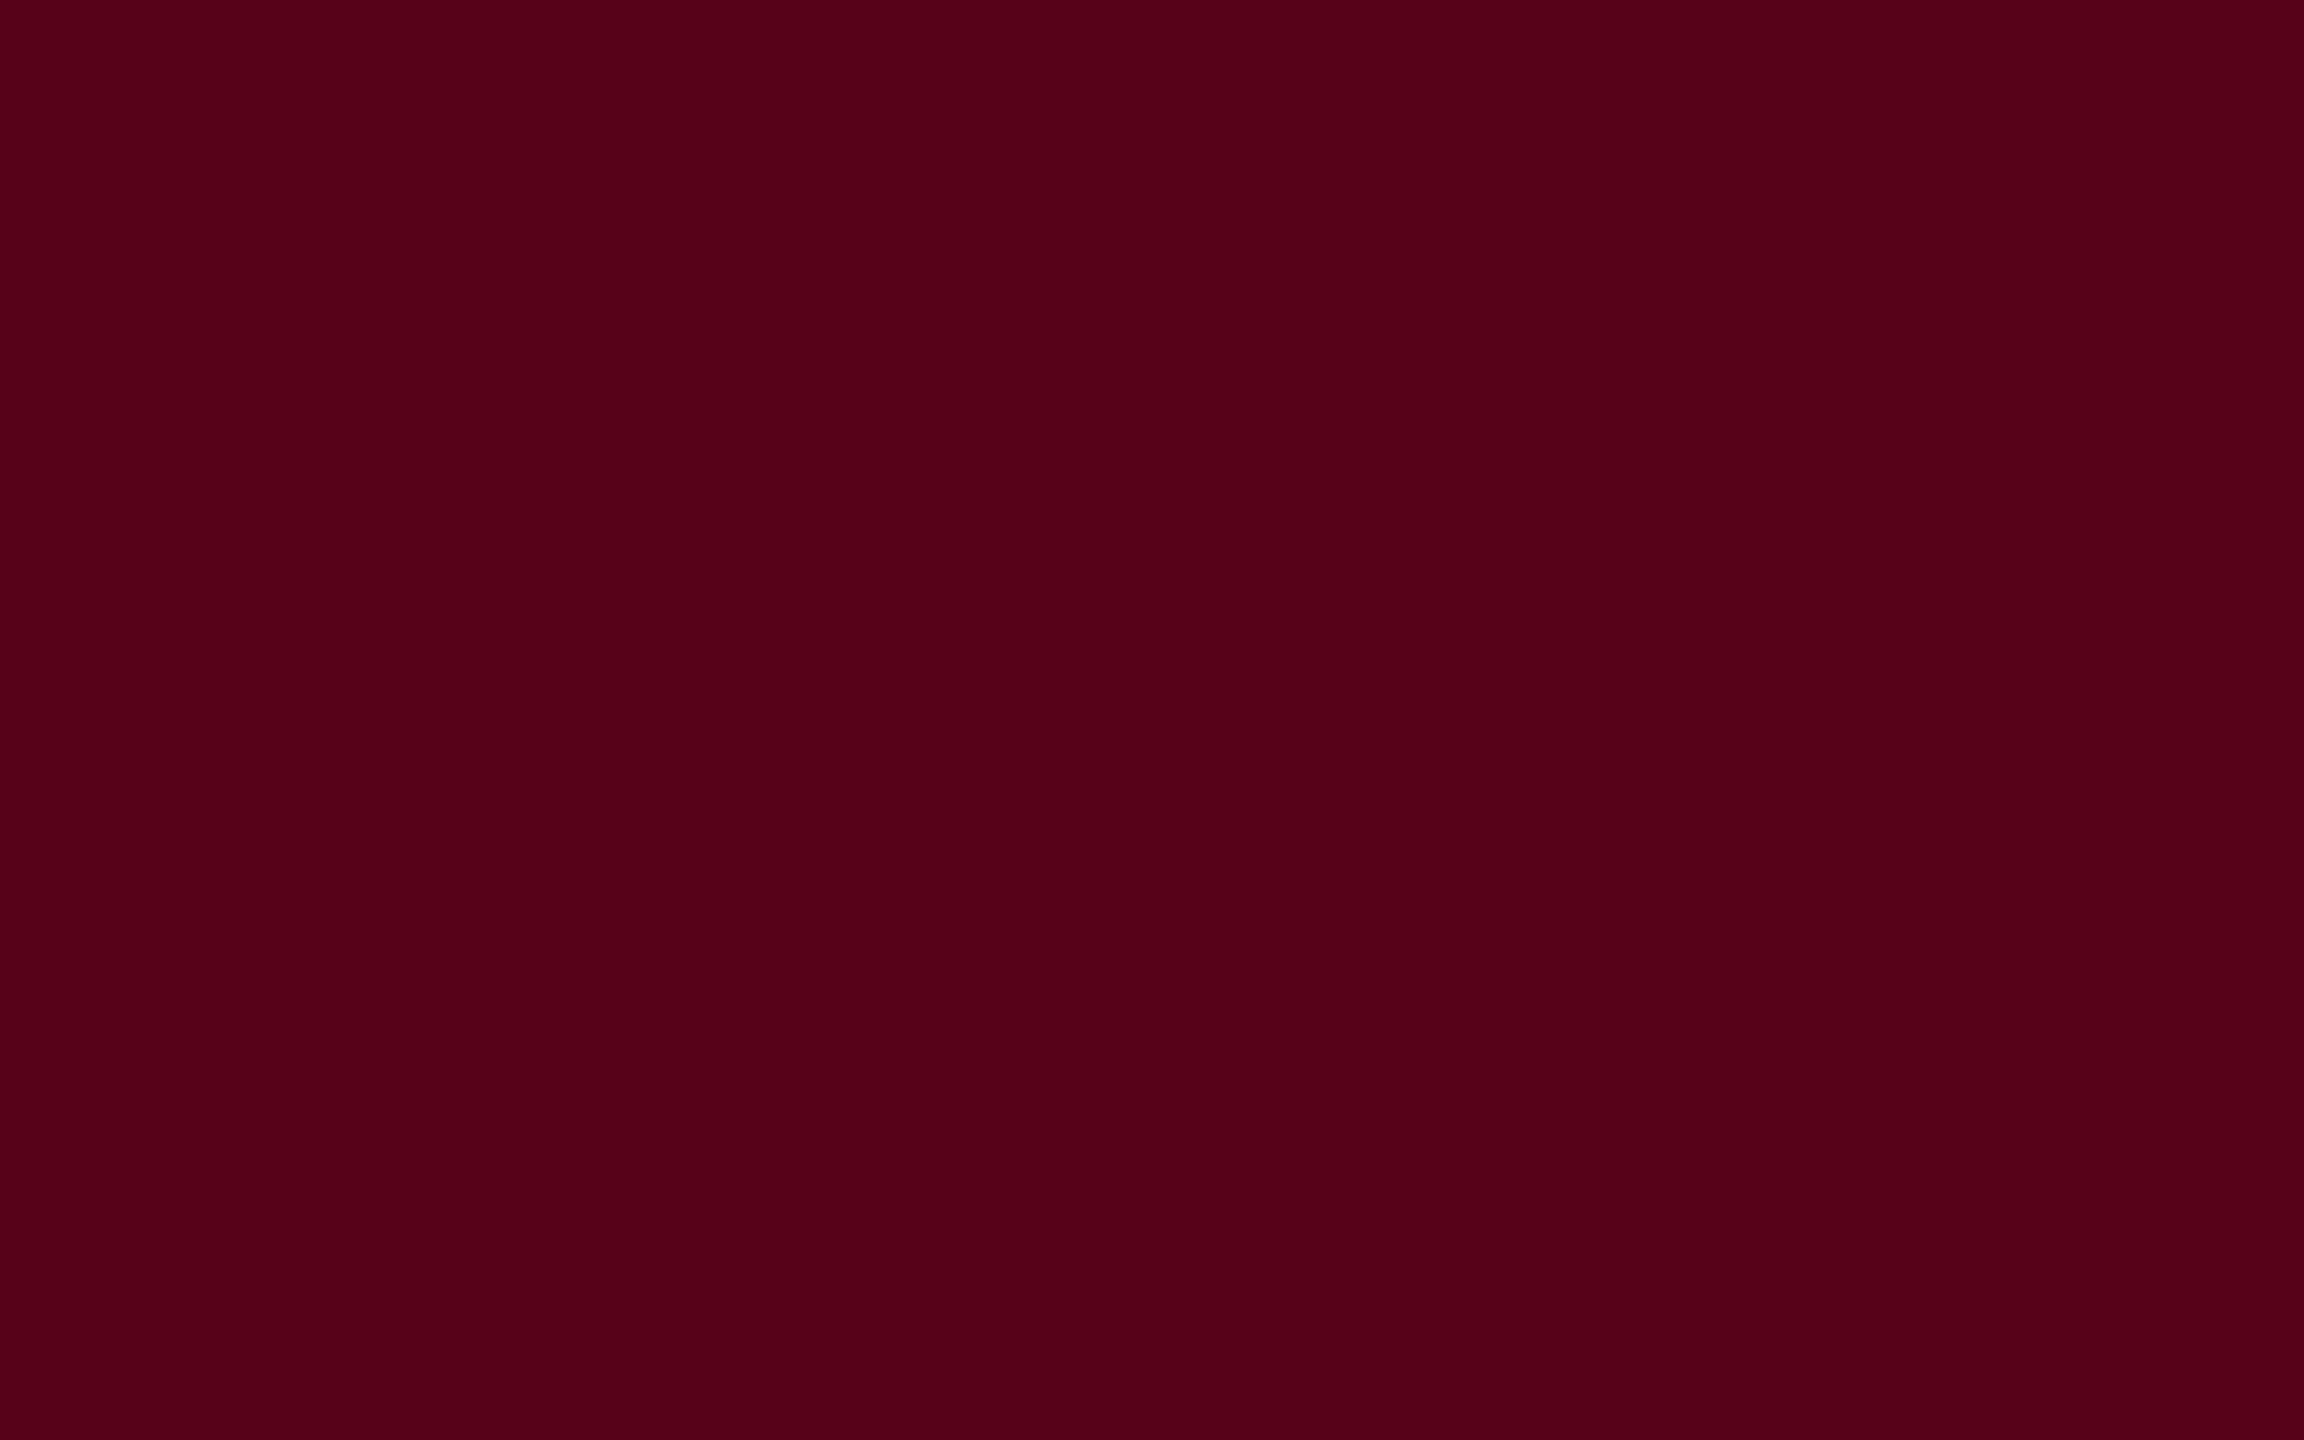 2304x1440 Dark Scarlet Solid Color Background